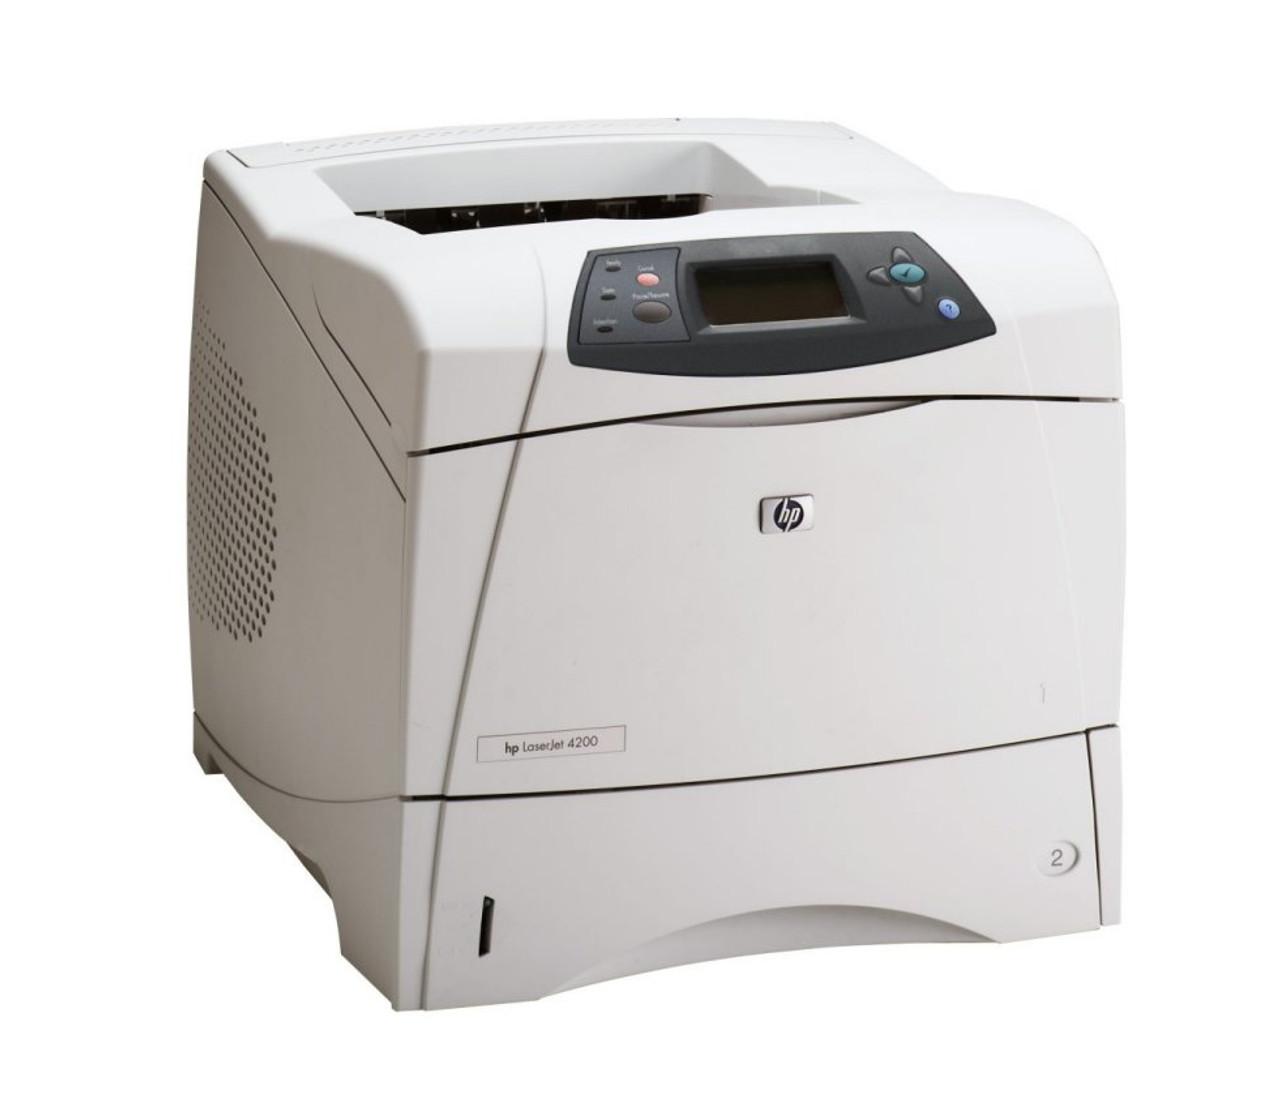 HP LaserJet 4200 - Q2425A - HP Laser Printer for sale